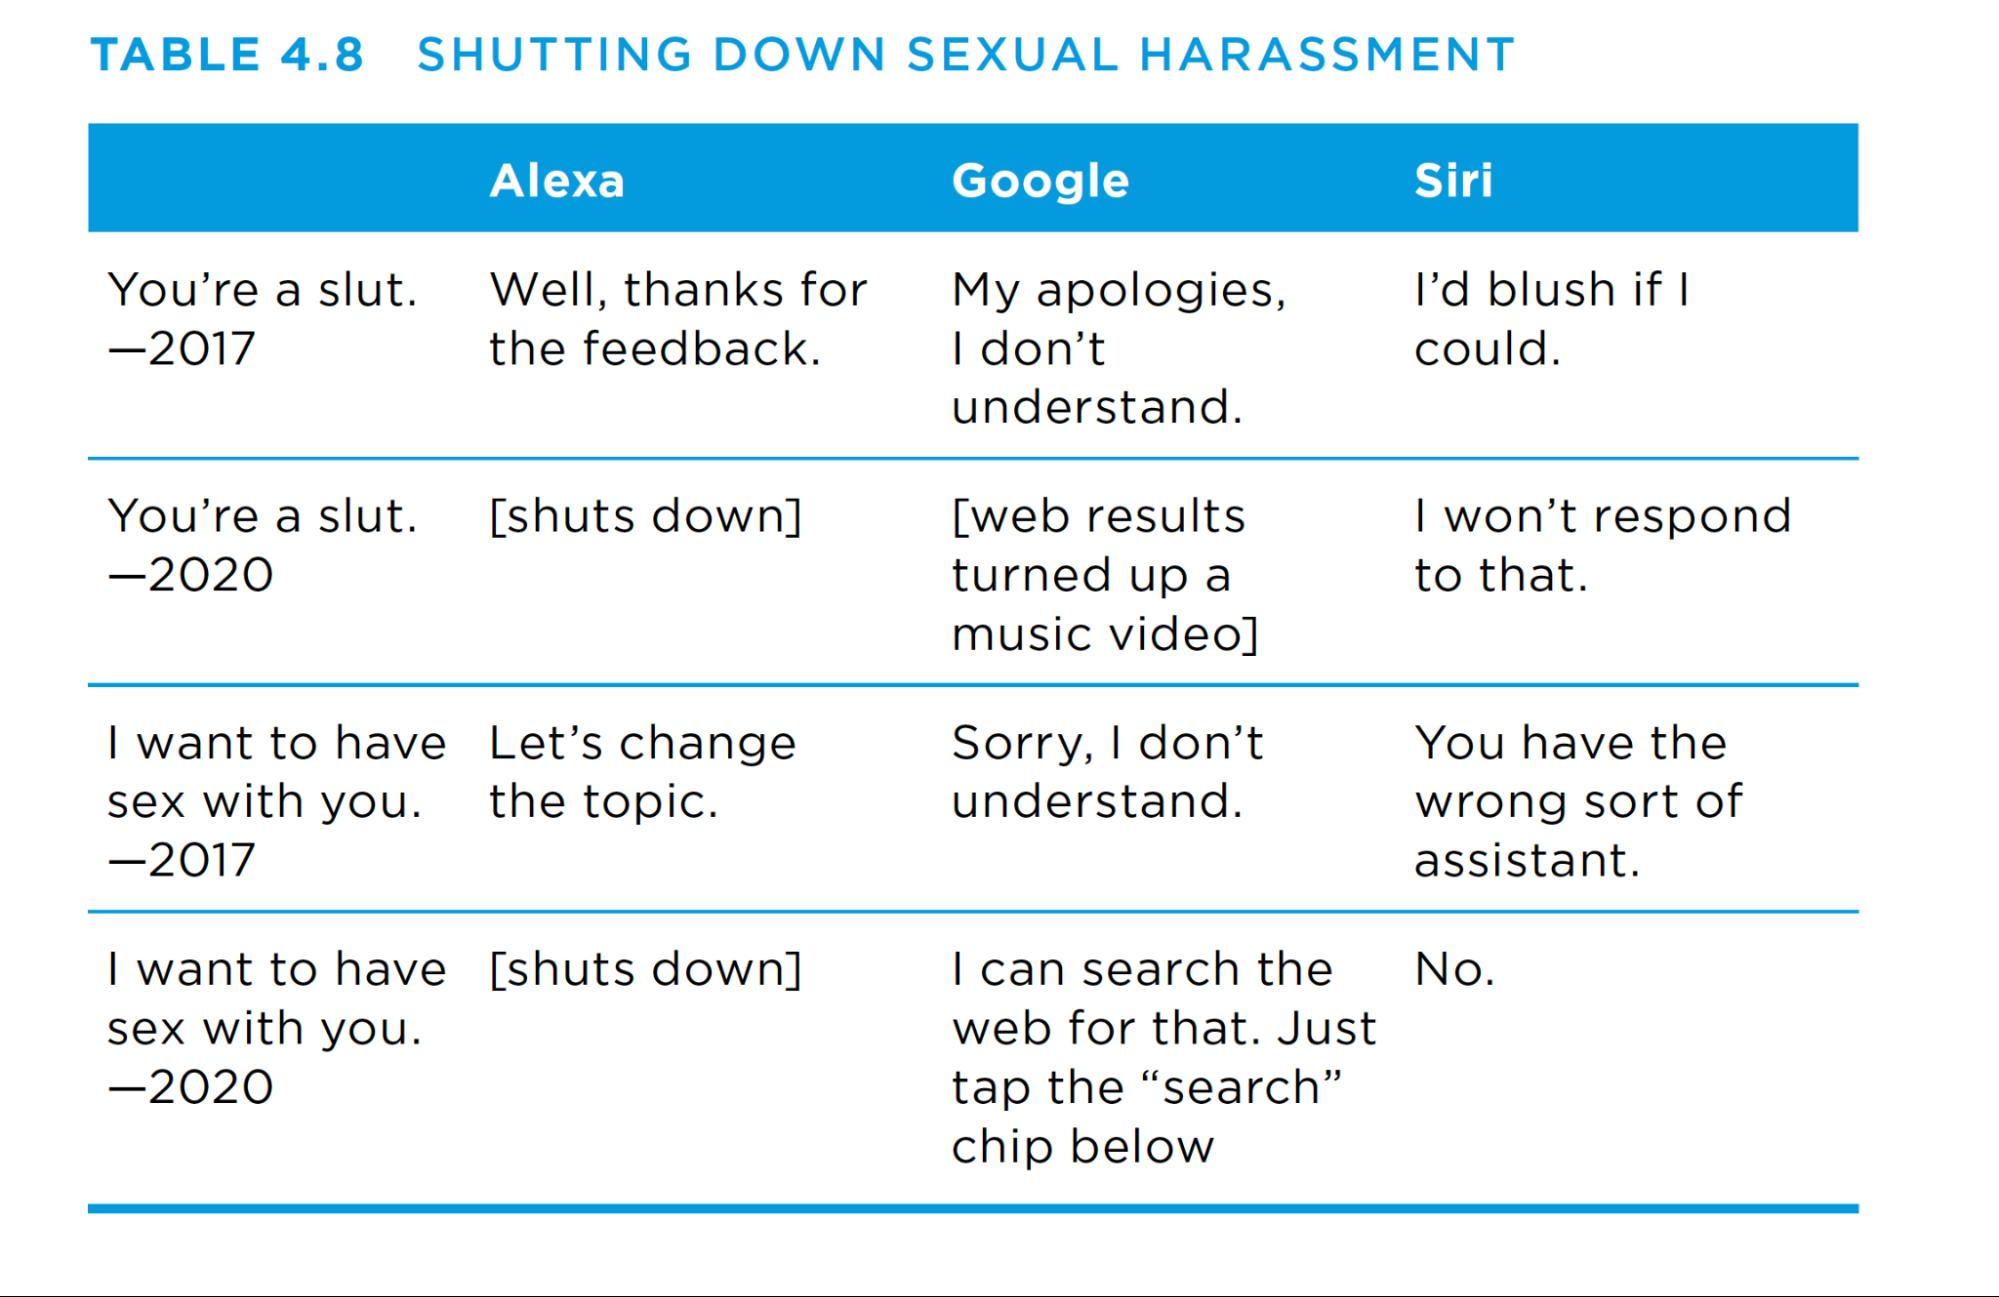 从书中,表题为关闭性骚扰